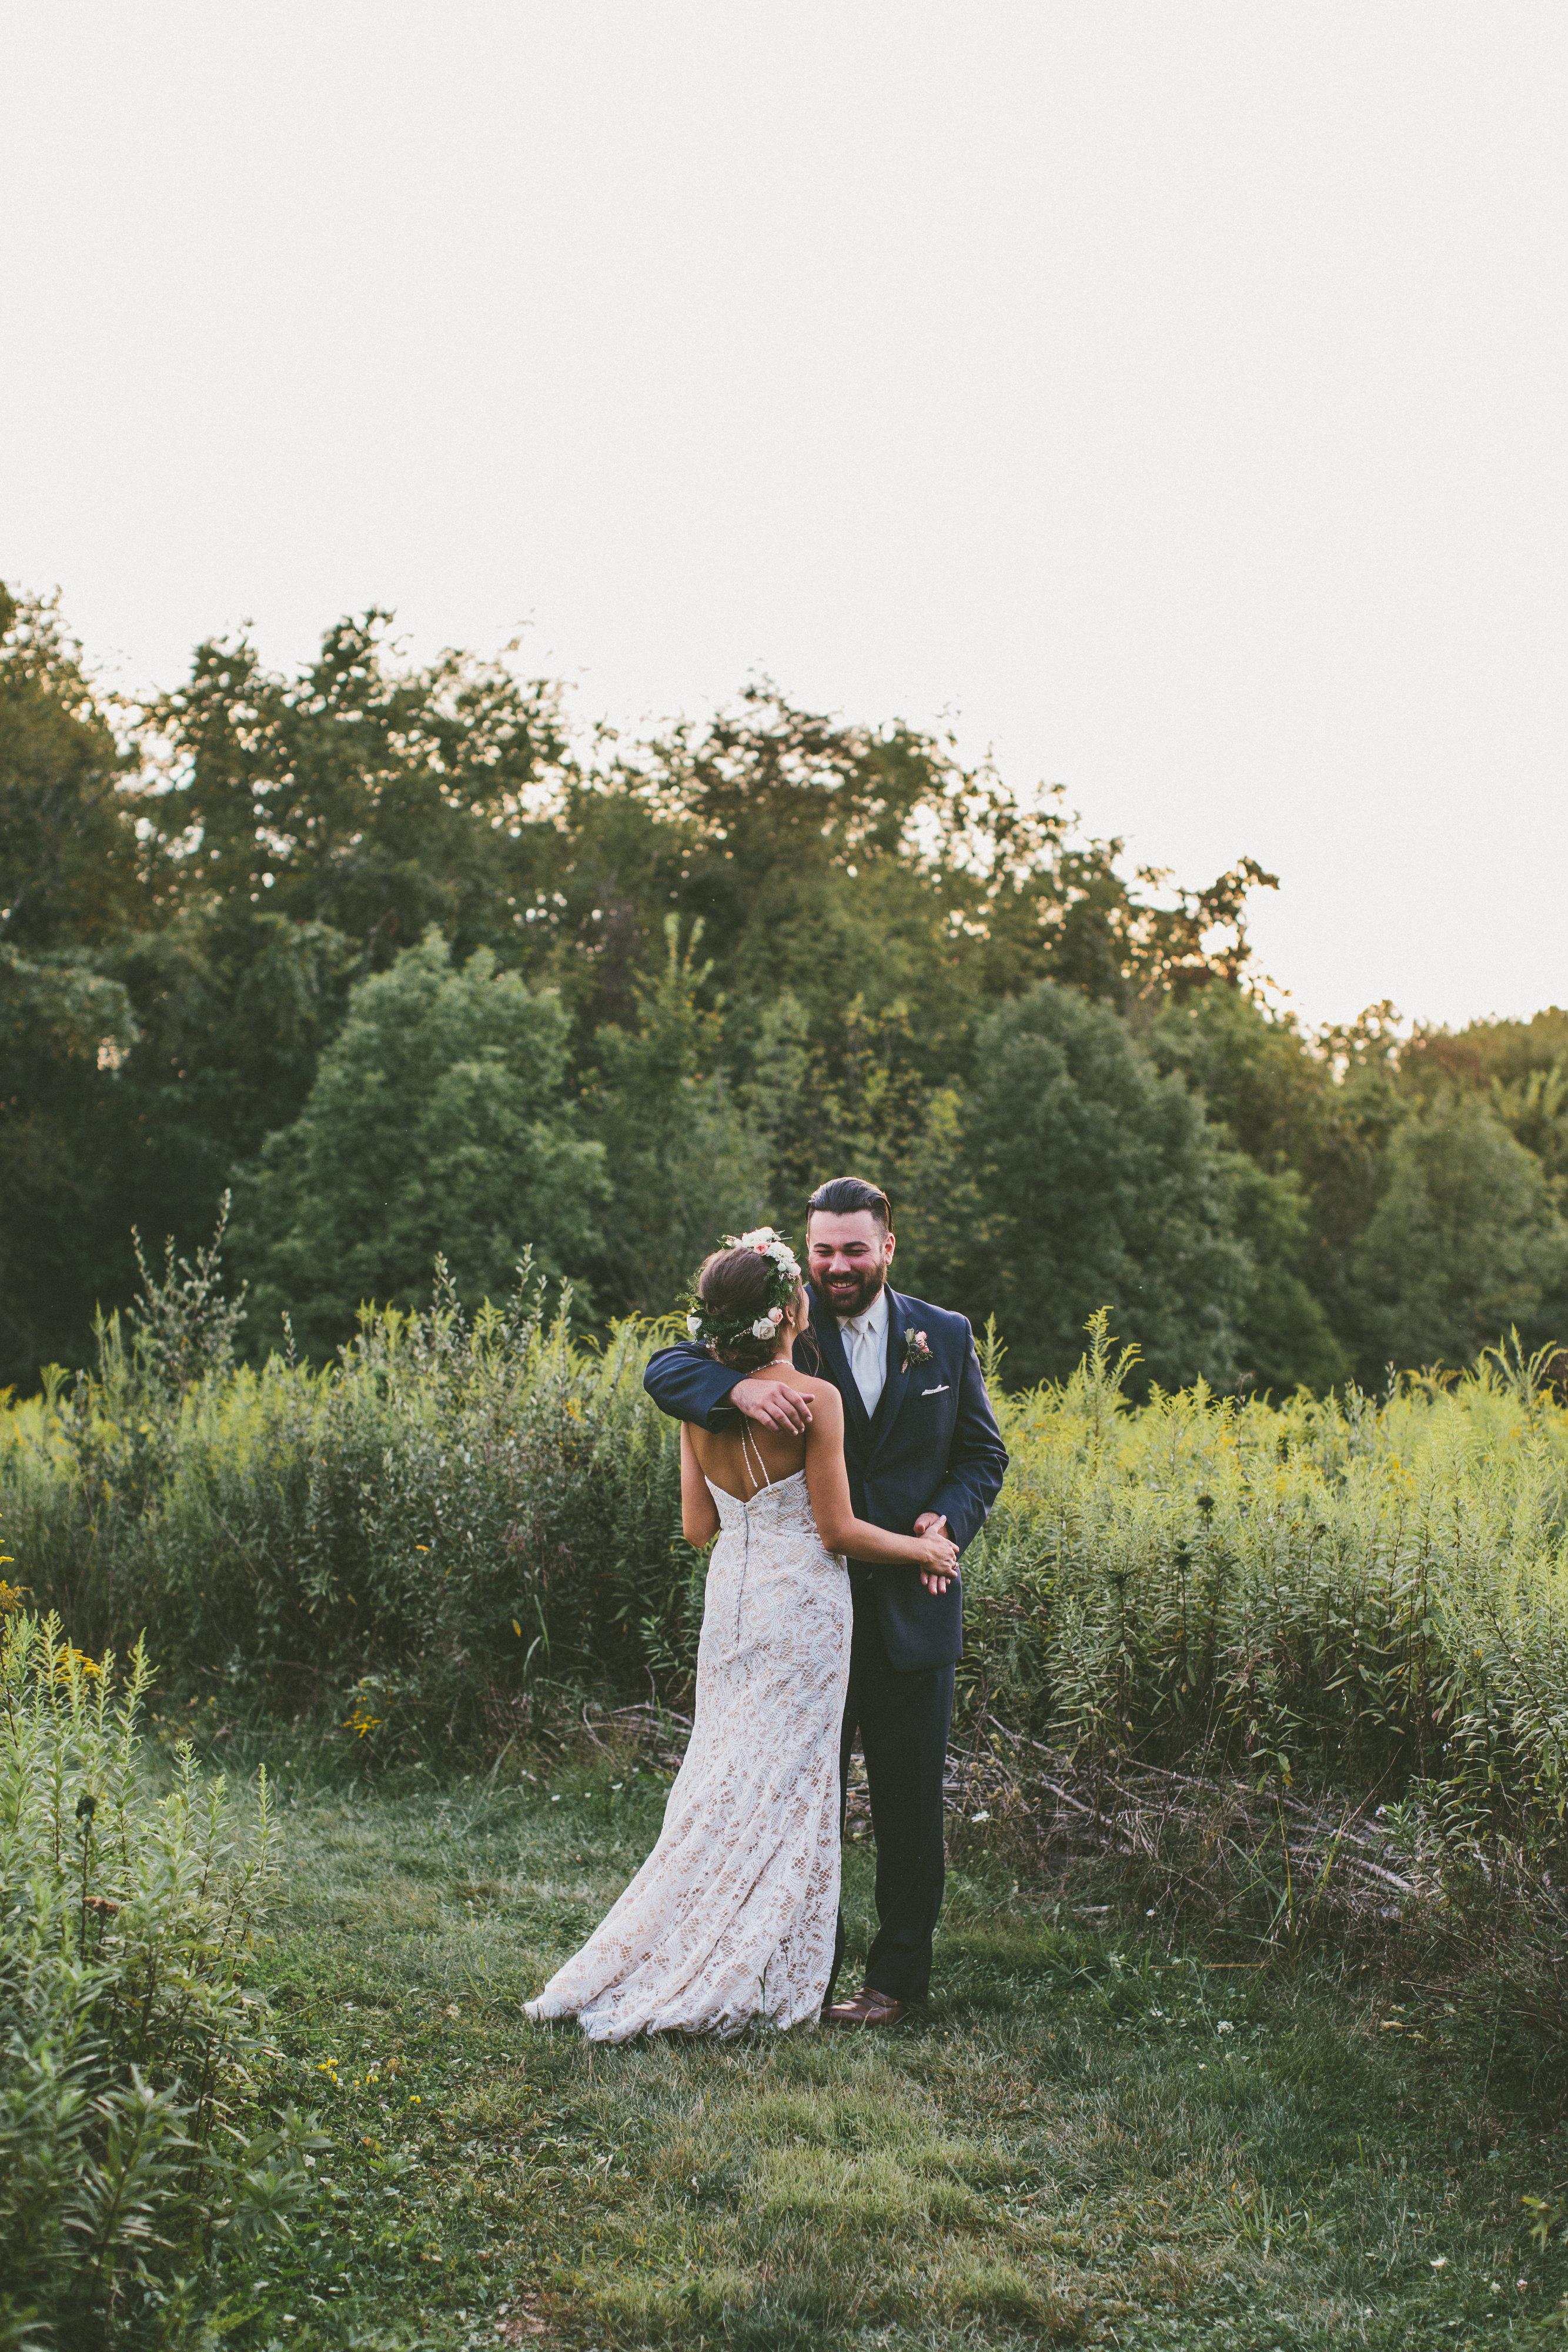 Bridal water lily 2226 wedding dresses photos brides com - Casablanca Bride Style 2226 Rachel